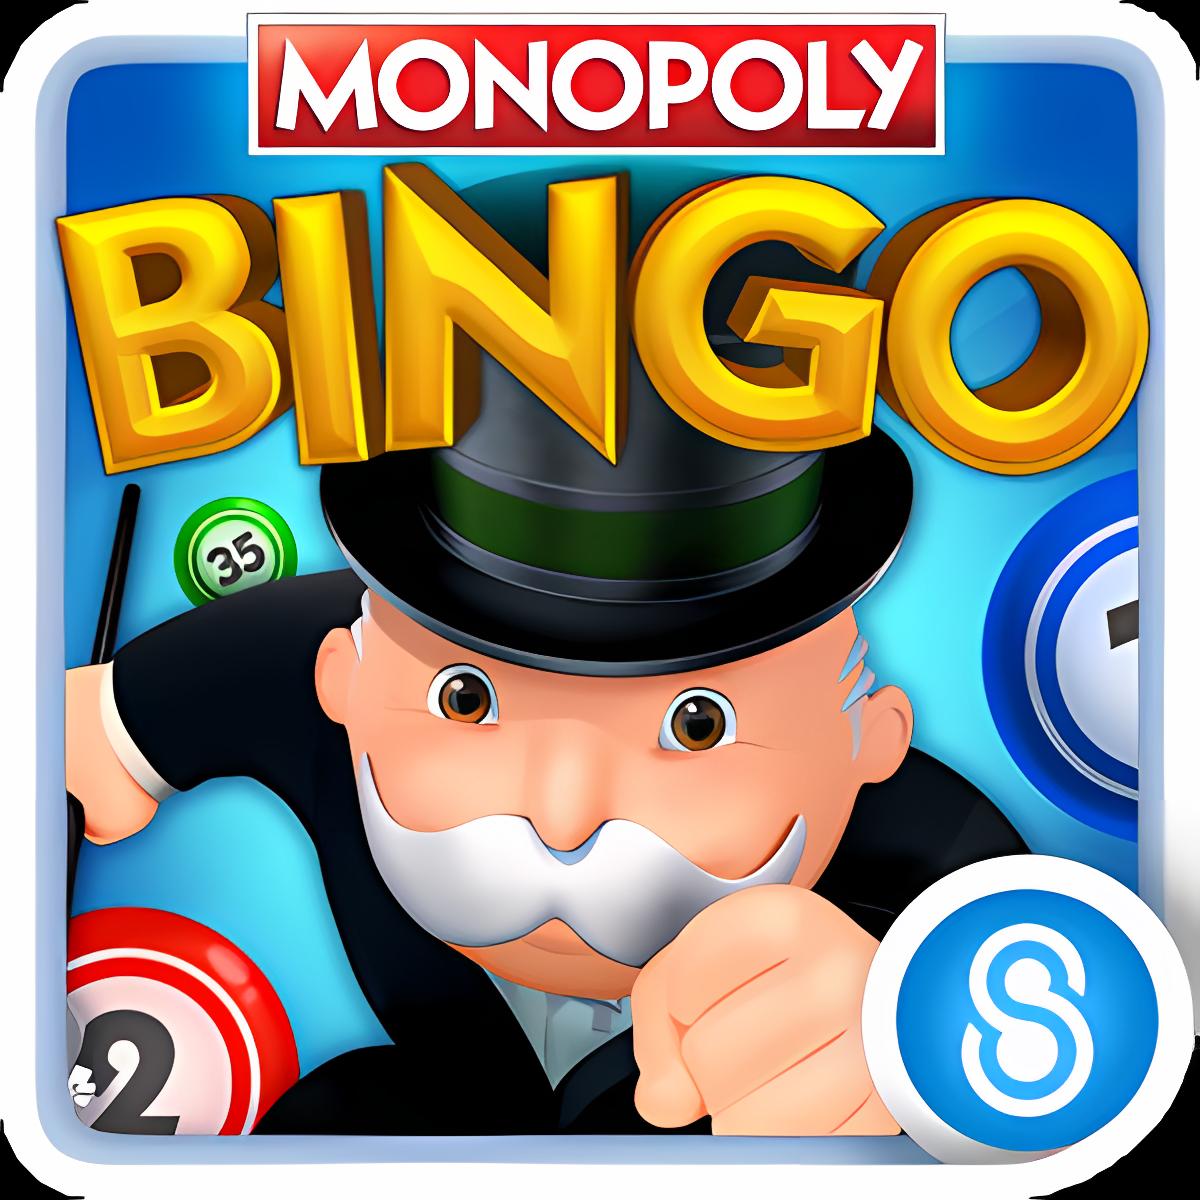 MONOPOLY Bingo! varies-with-device